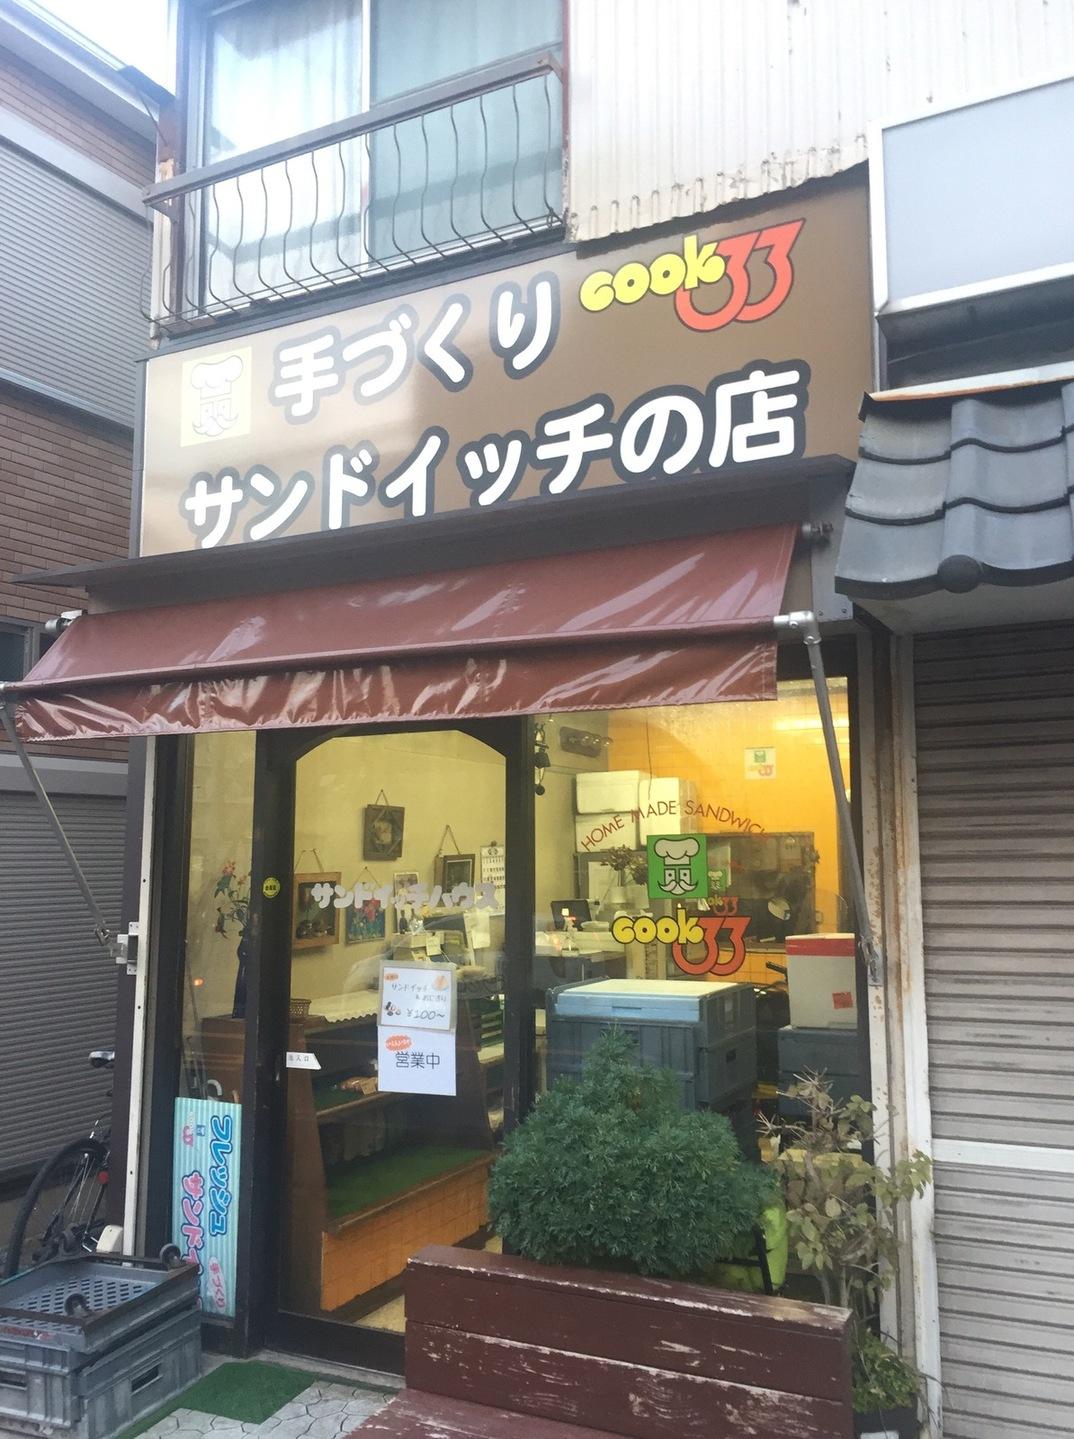 手づくりサンドイッチの店 cook33 田中町店